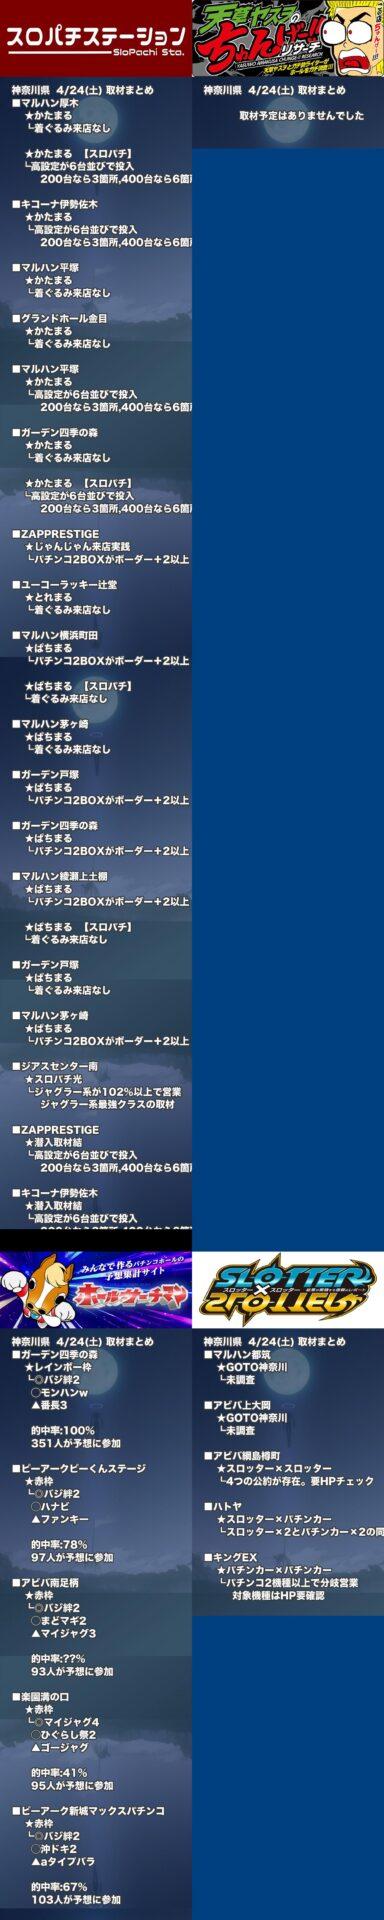 神奈川県_2021-04-24_パチンコ・パチスロ